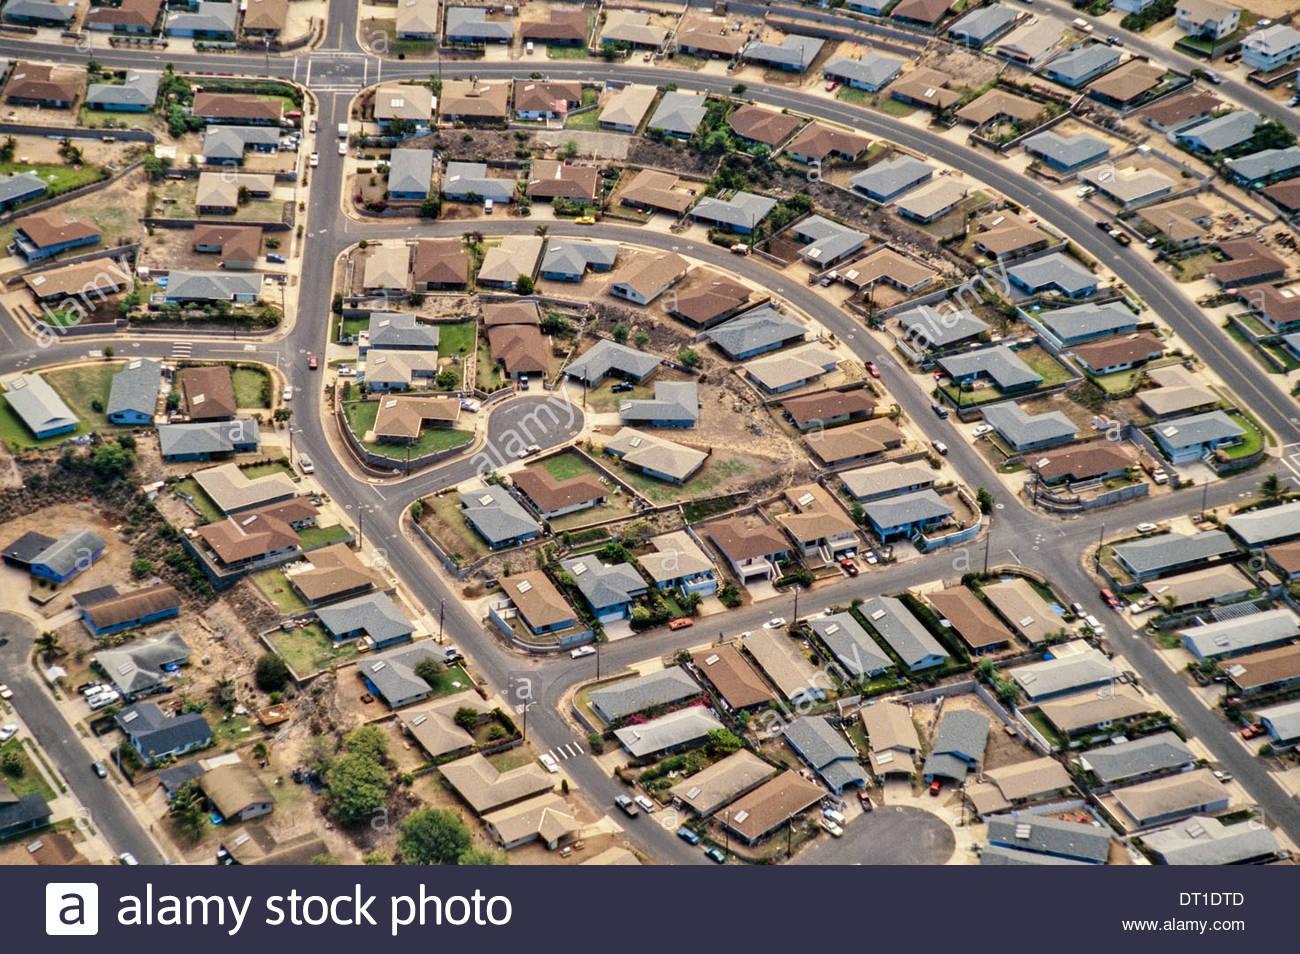 Maui Hawaii vorstädtischen Entwicklung Luftbild auf Maui Hawaii Stockbild